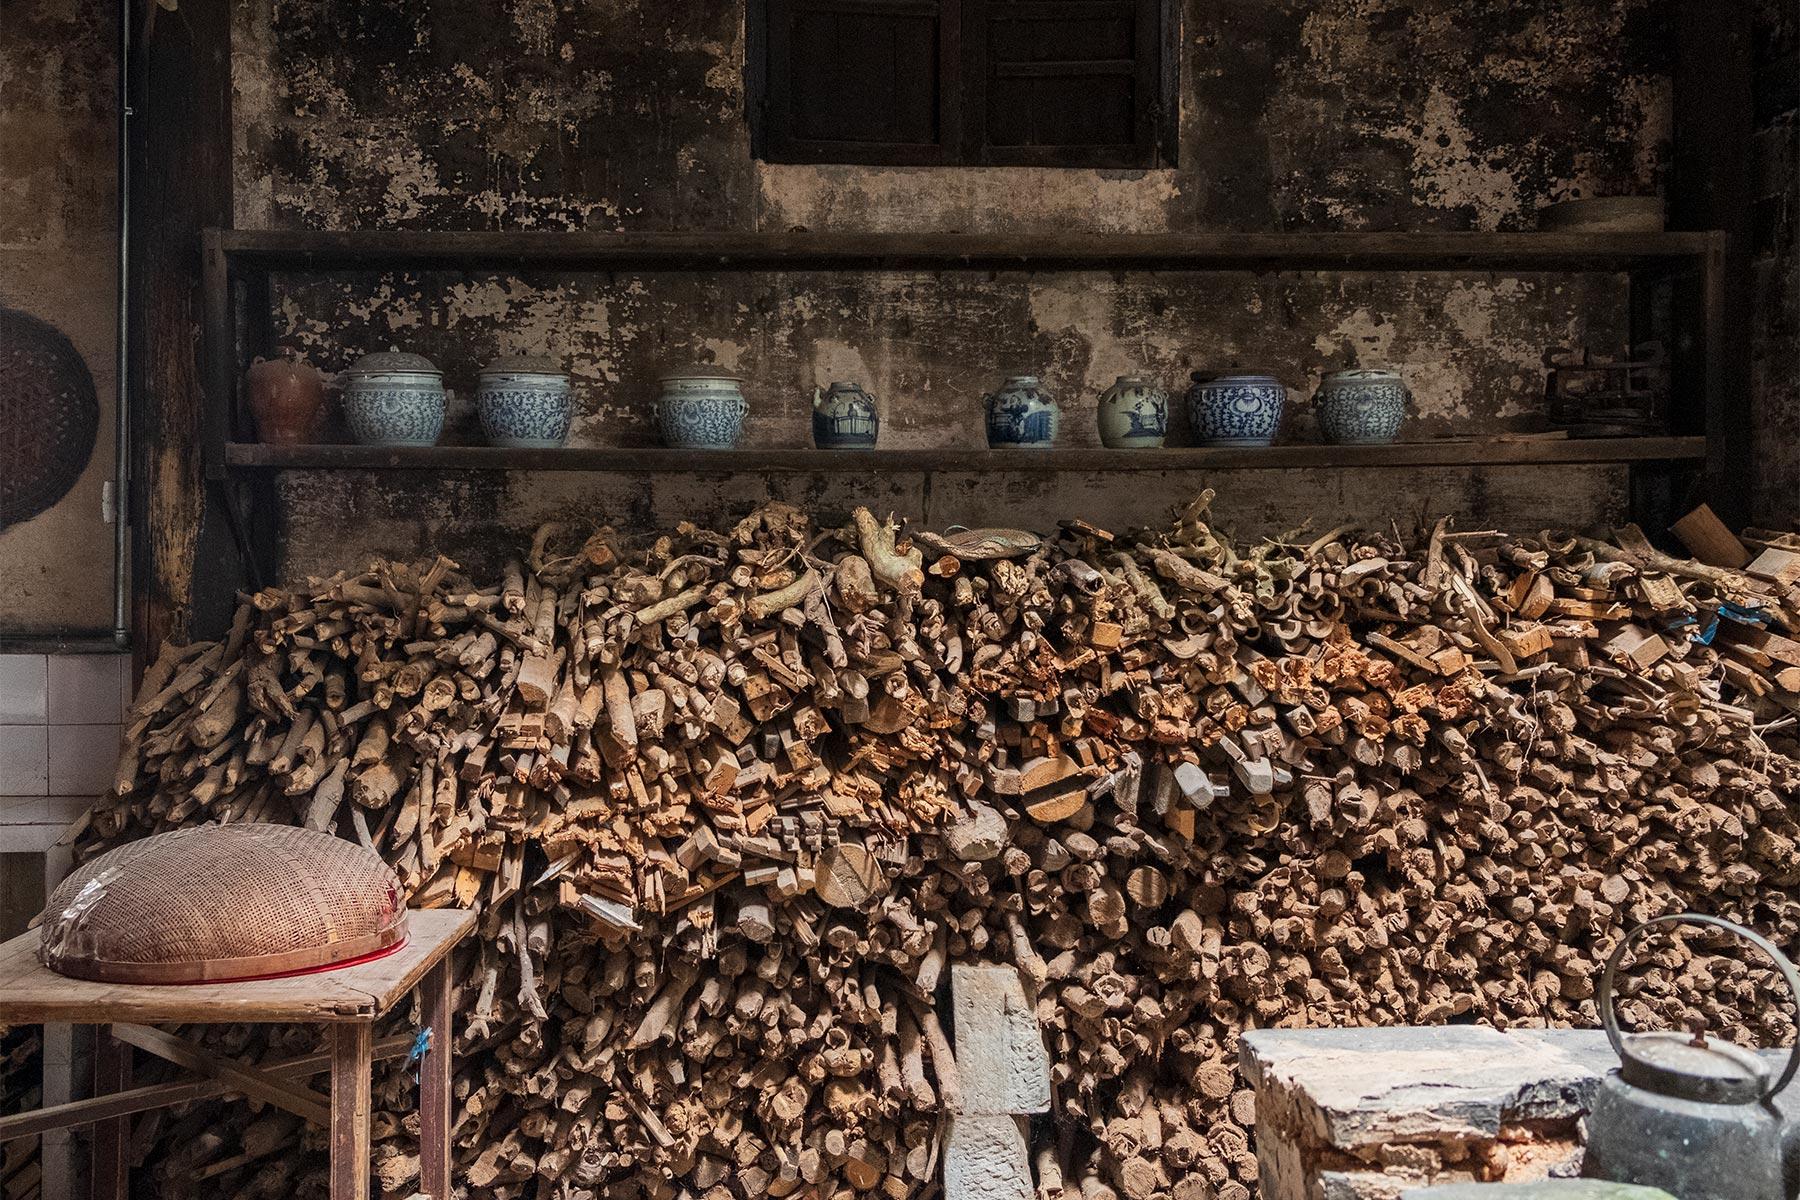 Alte Küche in der historischen Altstadt Nanping in Anhui, China